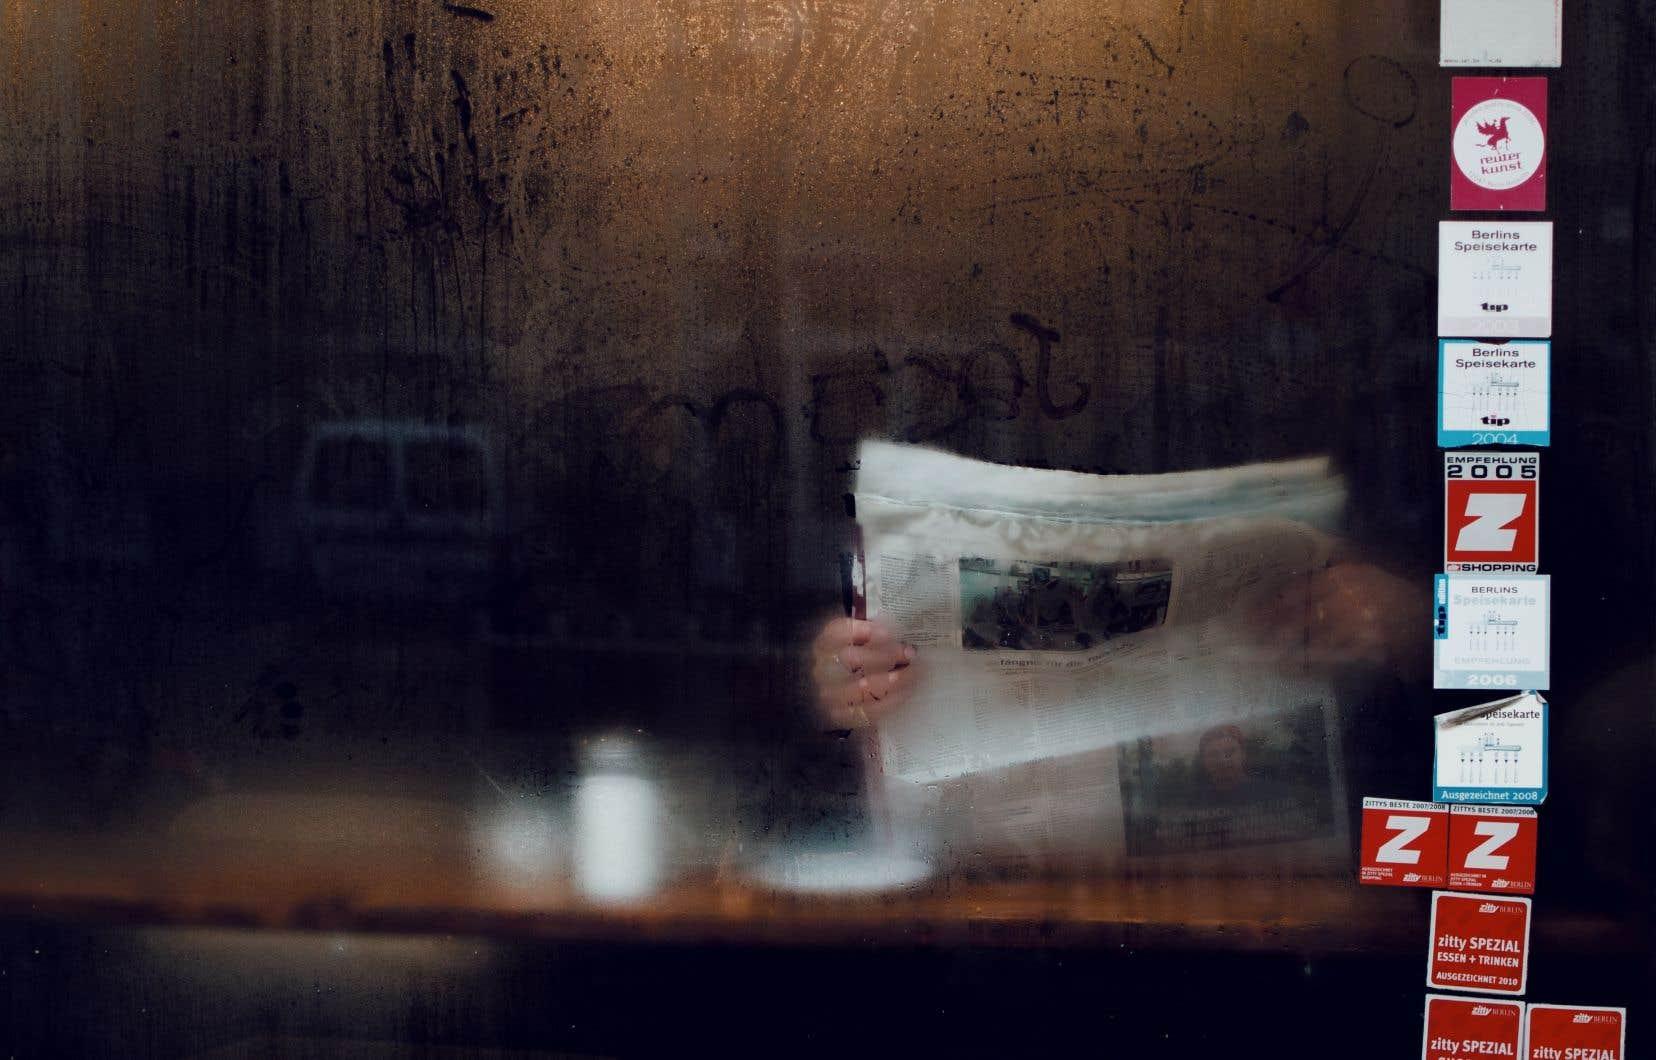 L'émergence des fausses nouvelles témoigne d'un malaise profond dans la population et d'une perte de confiance envers les institutions politiques et médiatiques.